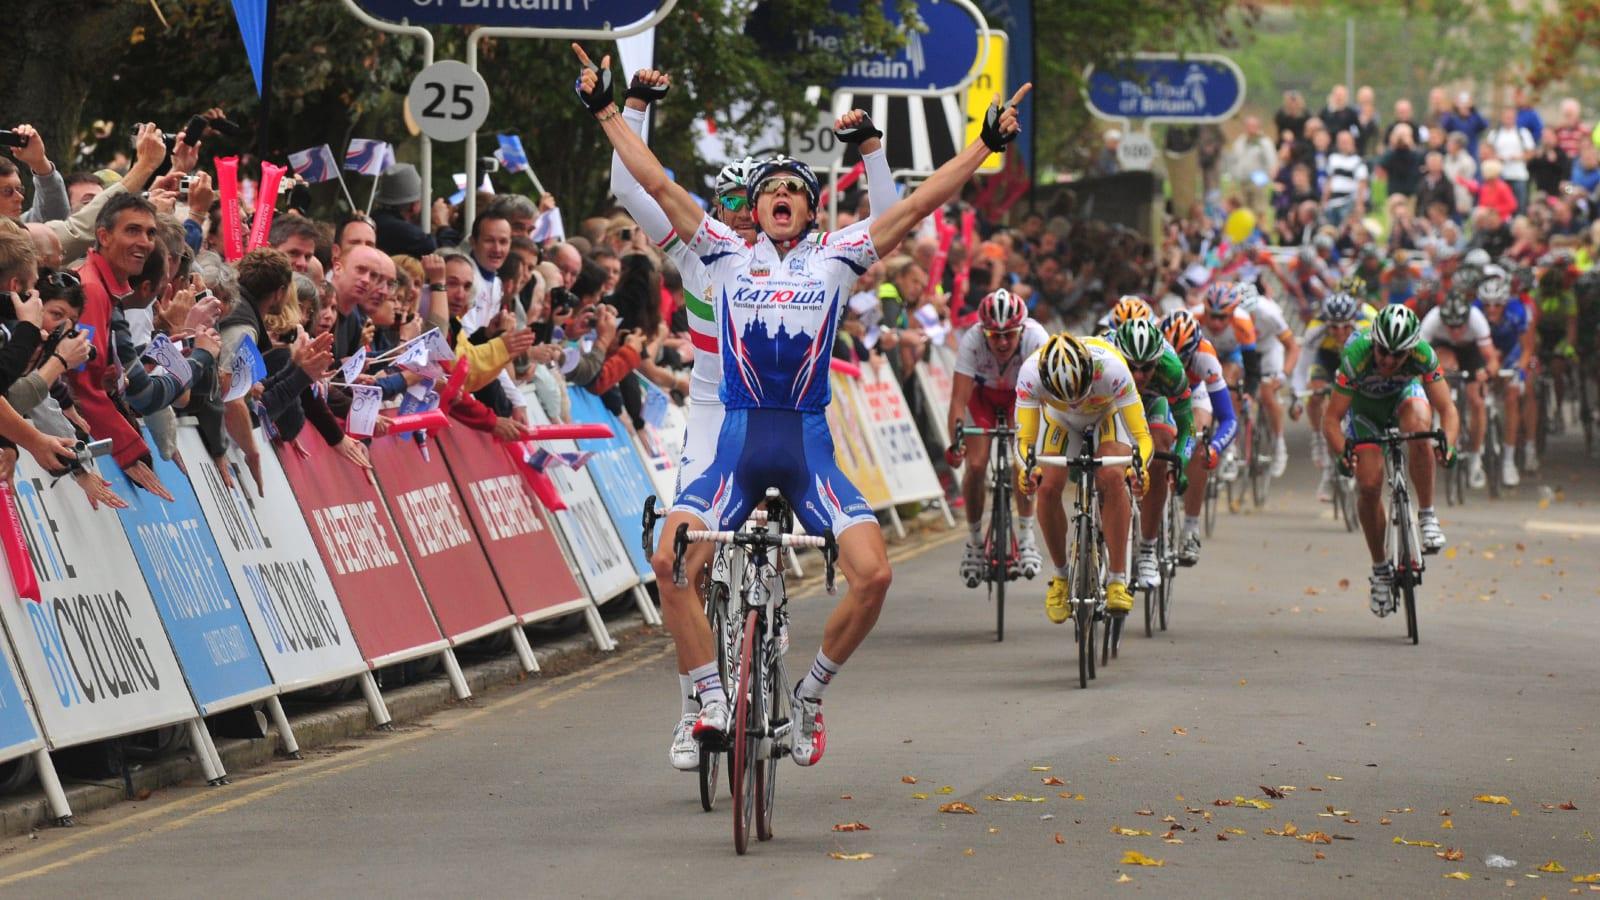 2009 Tour of Britain